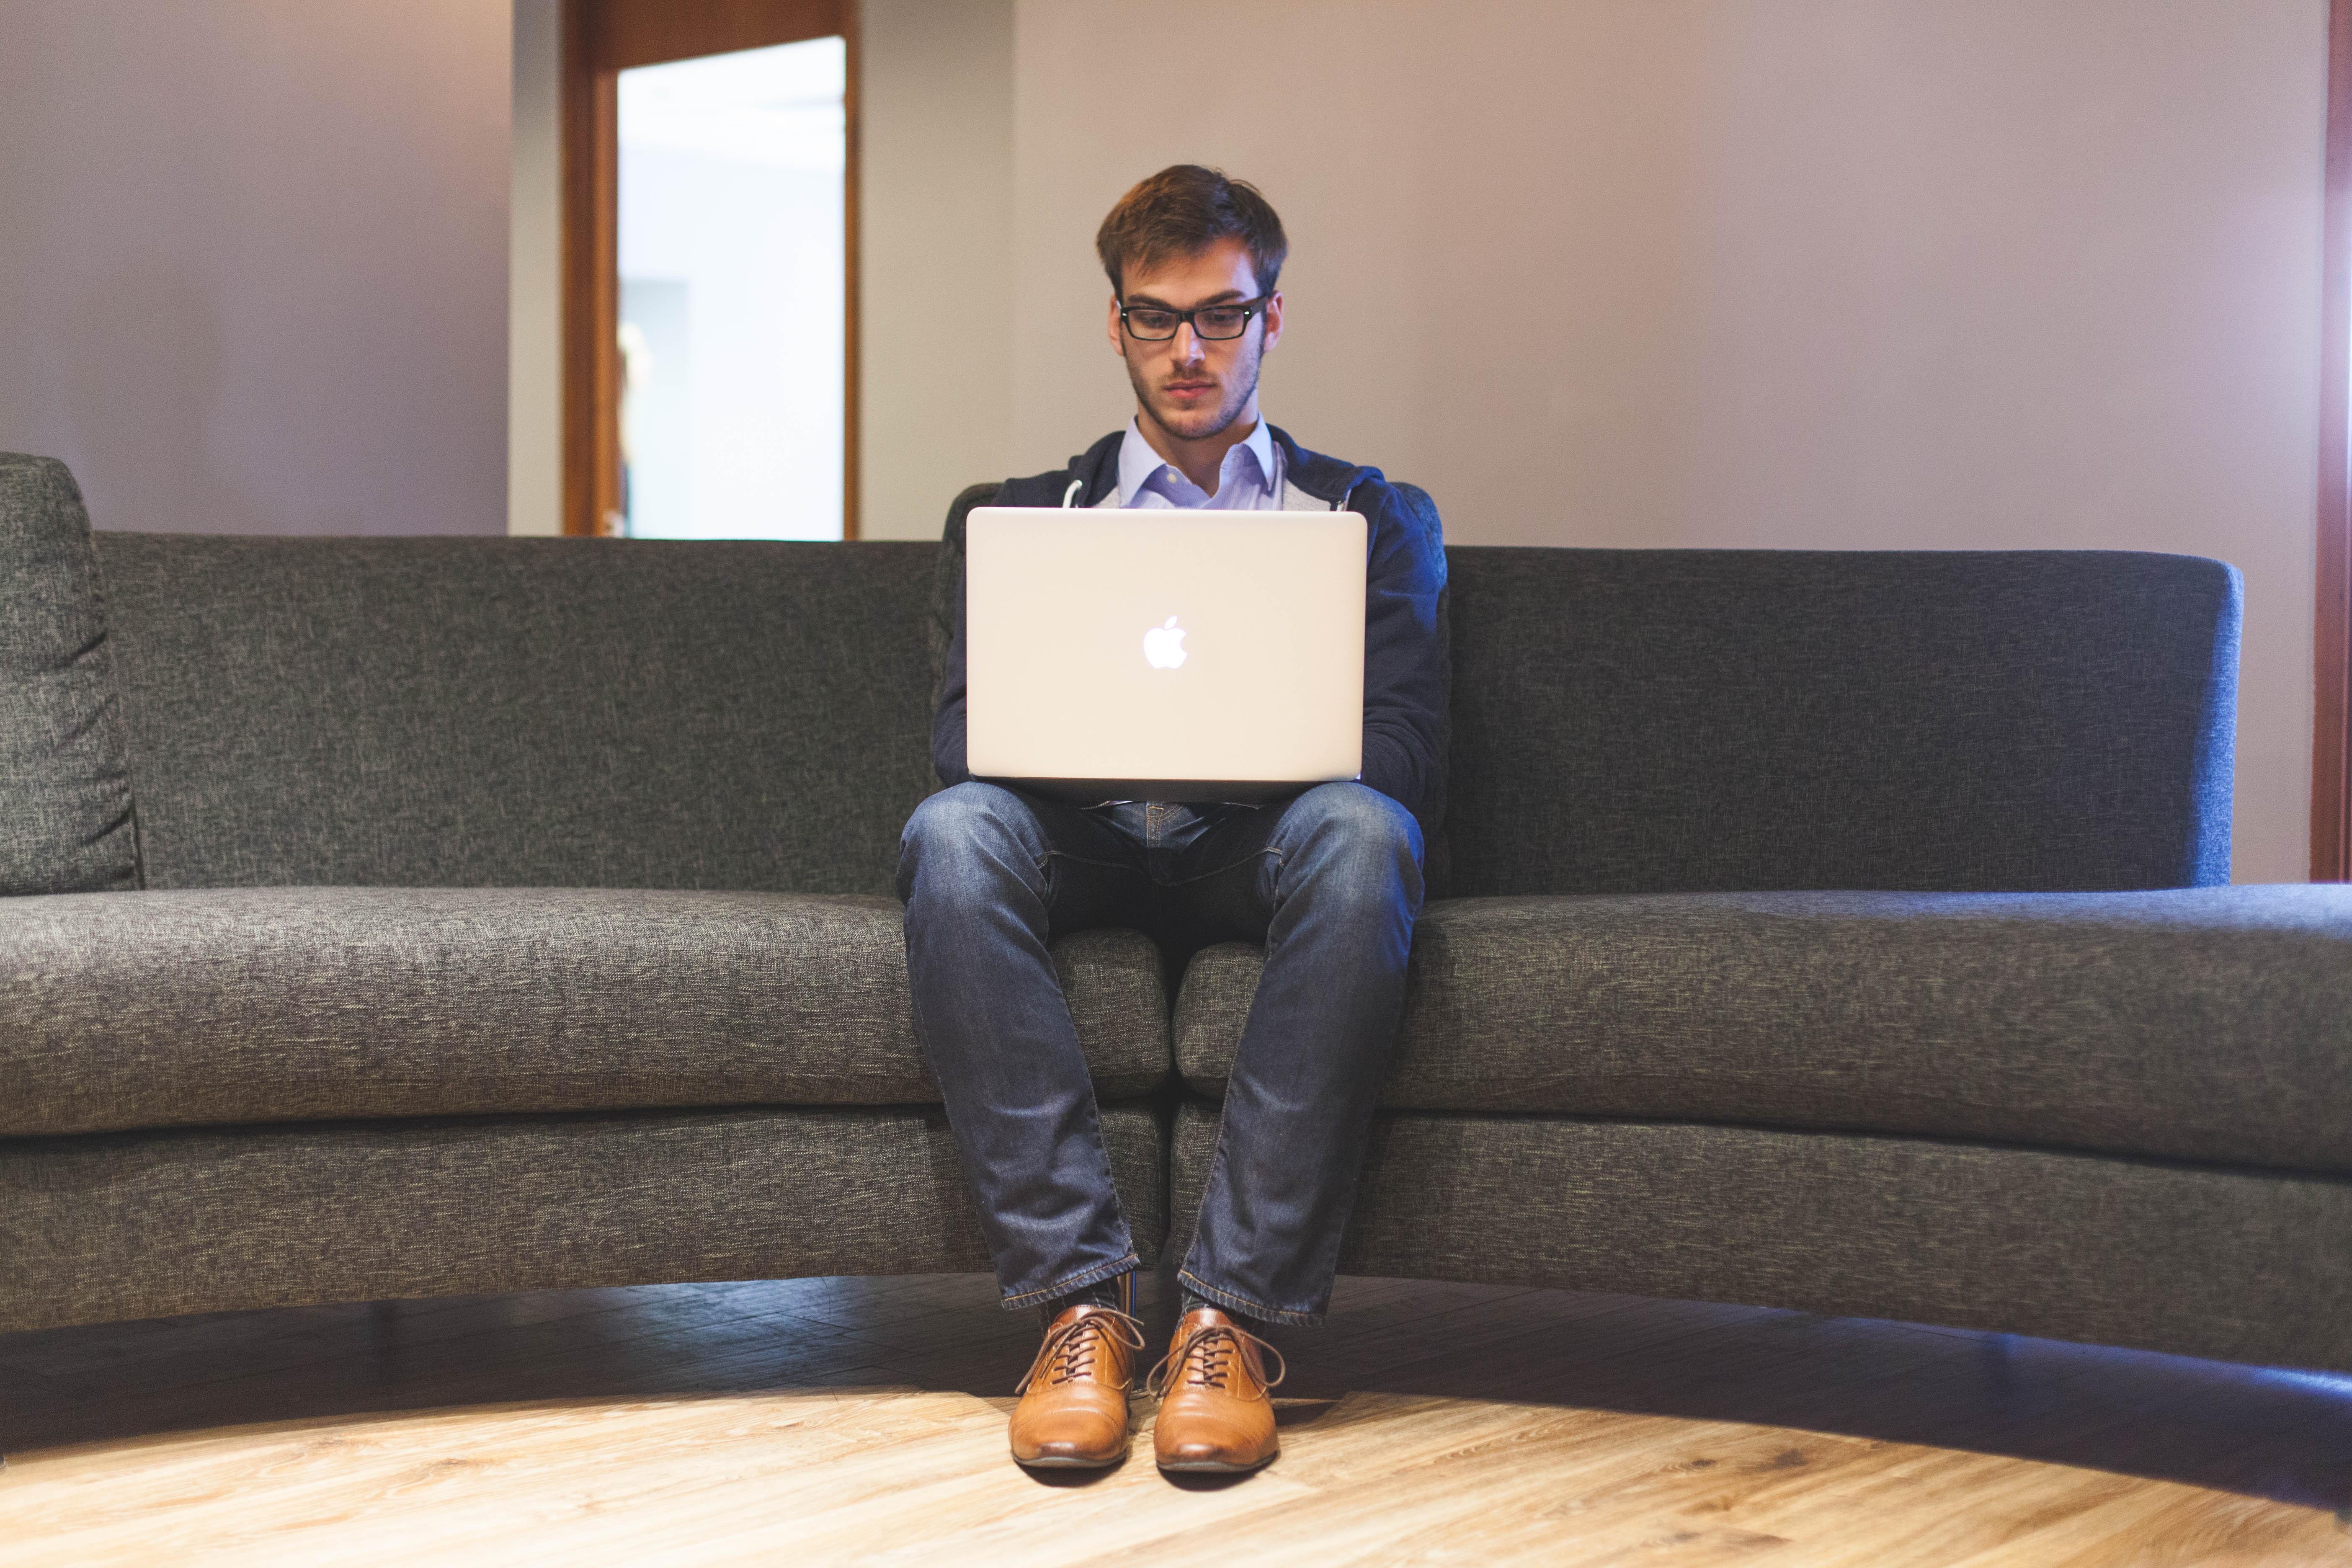 5 herramientas digitales que te ayudarán a ser más productivo